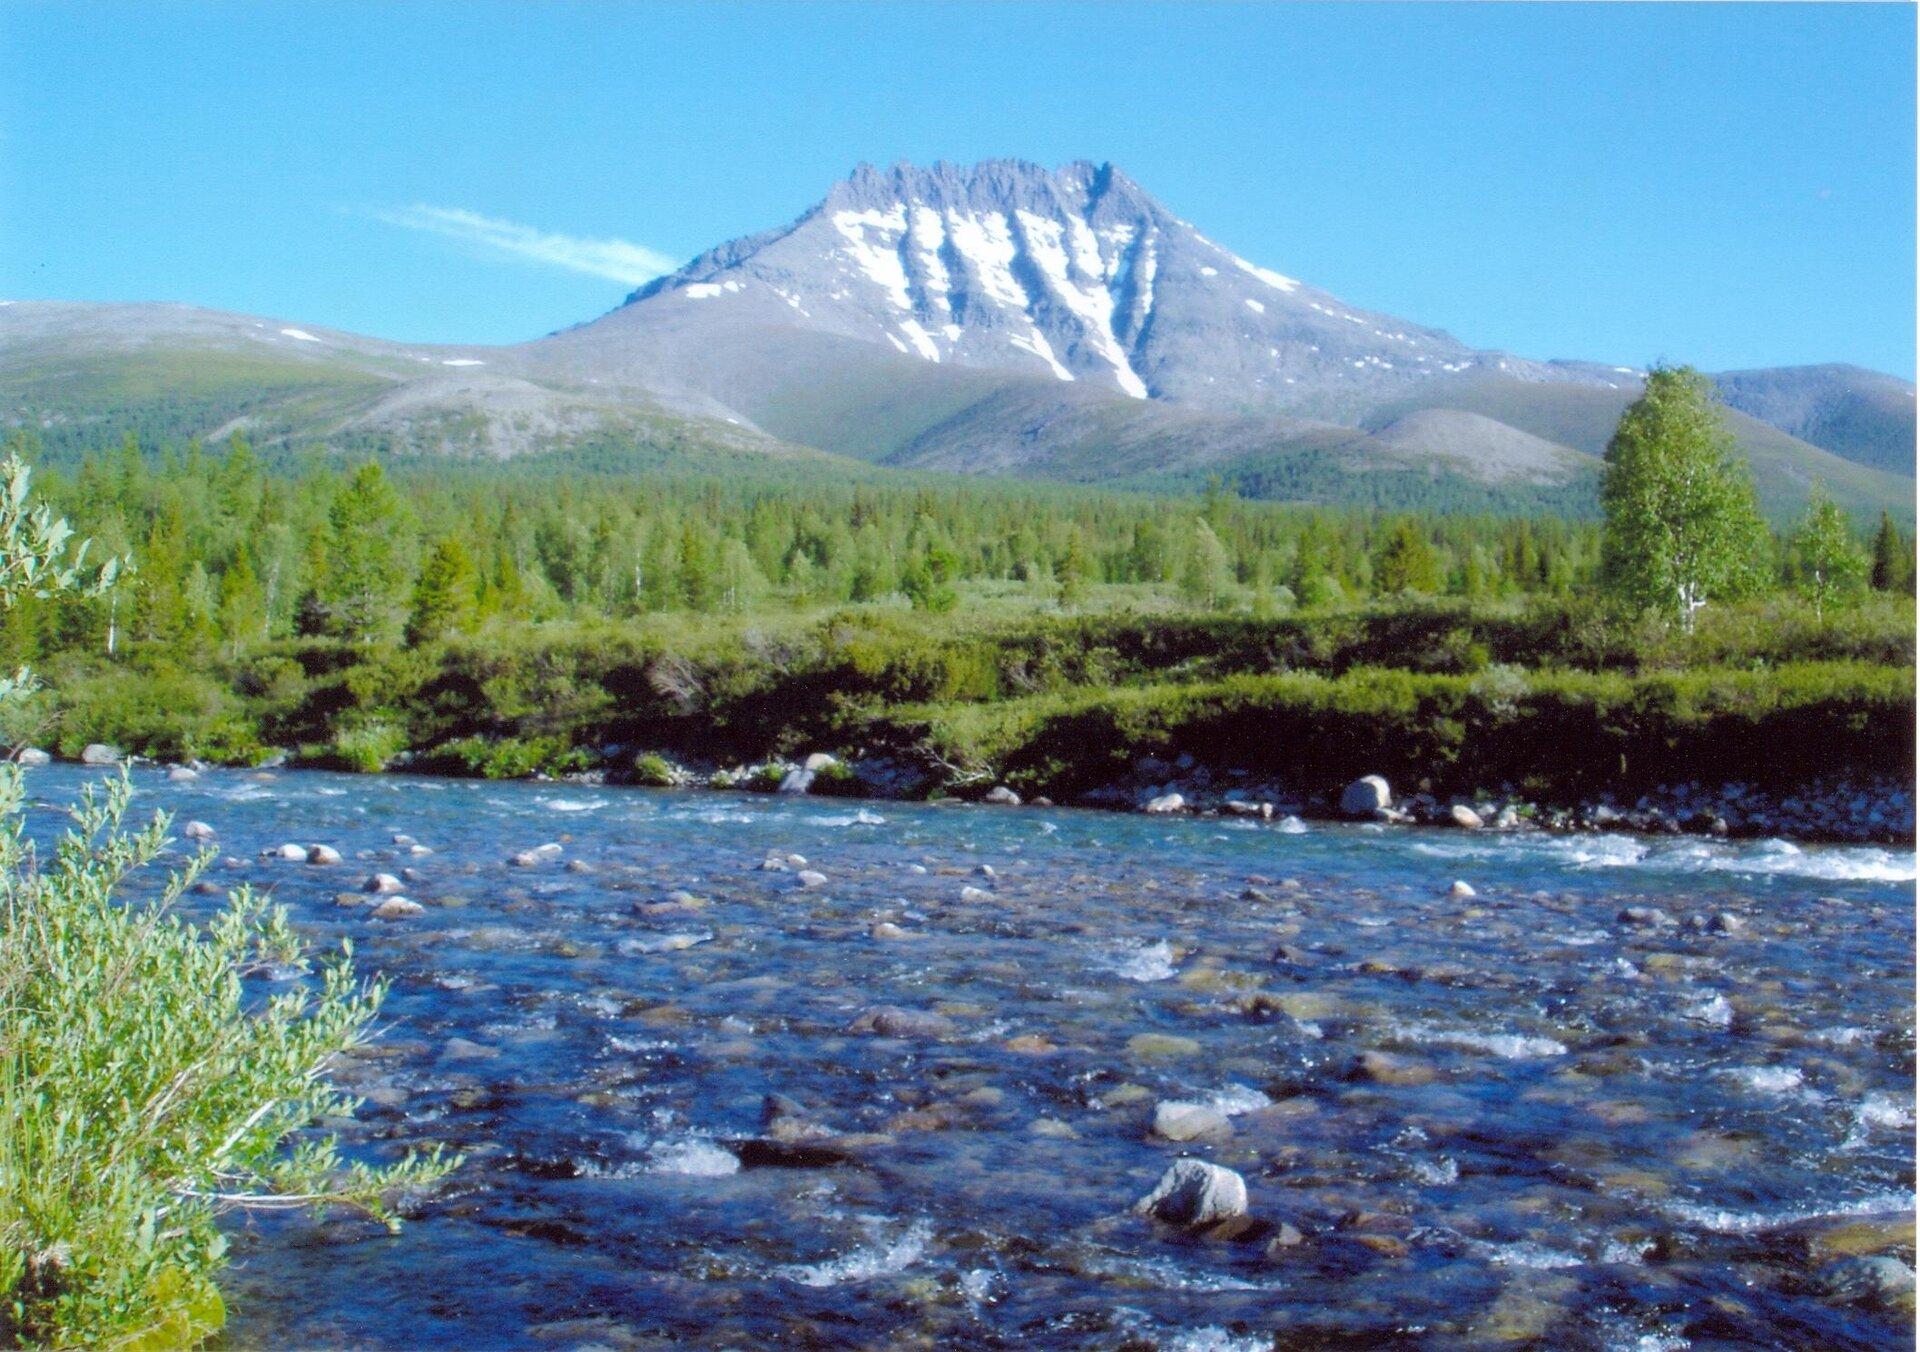 Na zdjęciu szczyt górski pozbawiony roślinności, stoki ośnieżone. Wdole las, na pierwszym planie płytka rzeka, kamieniste dno.